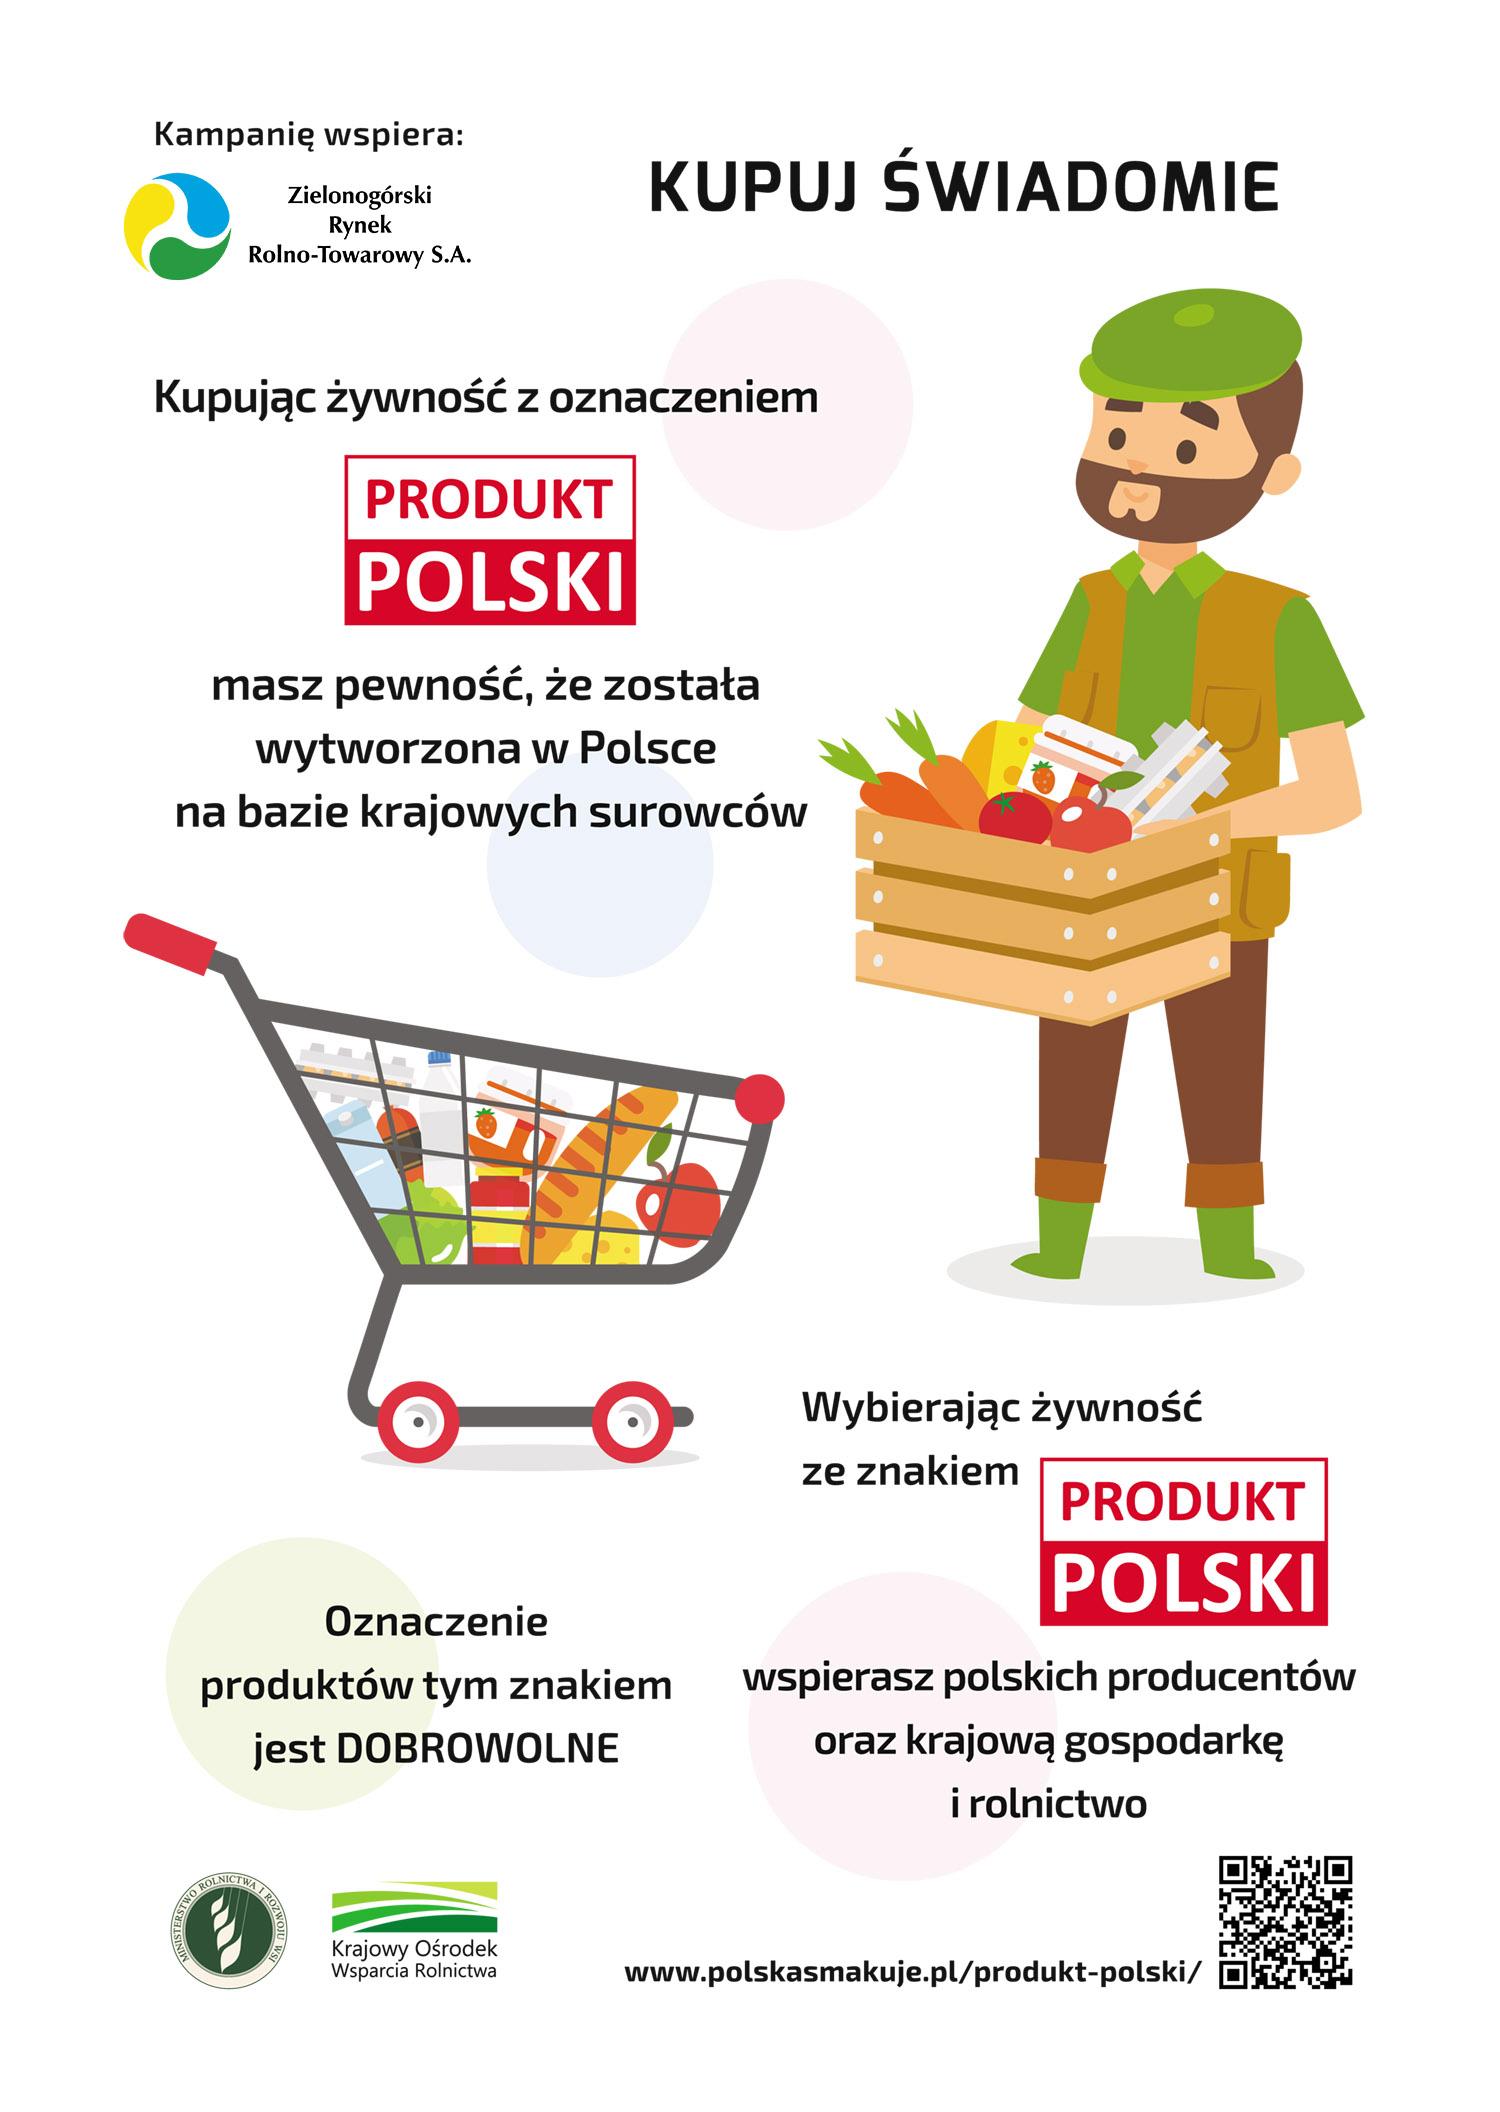 Polska Smakuje